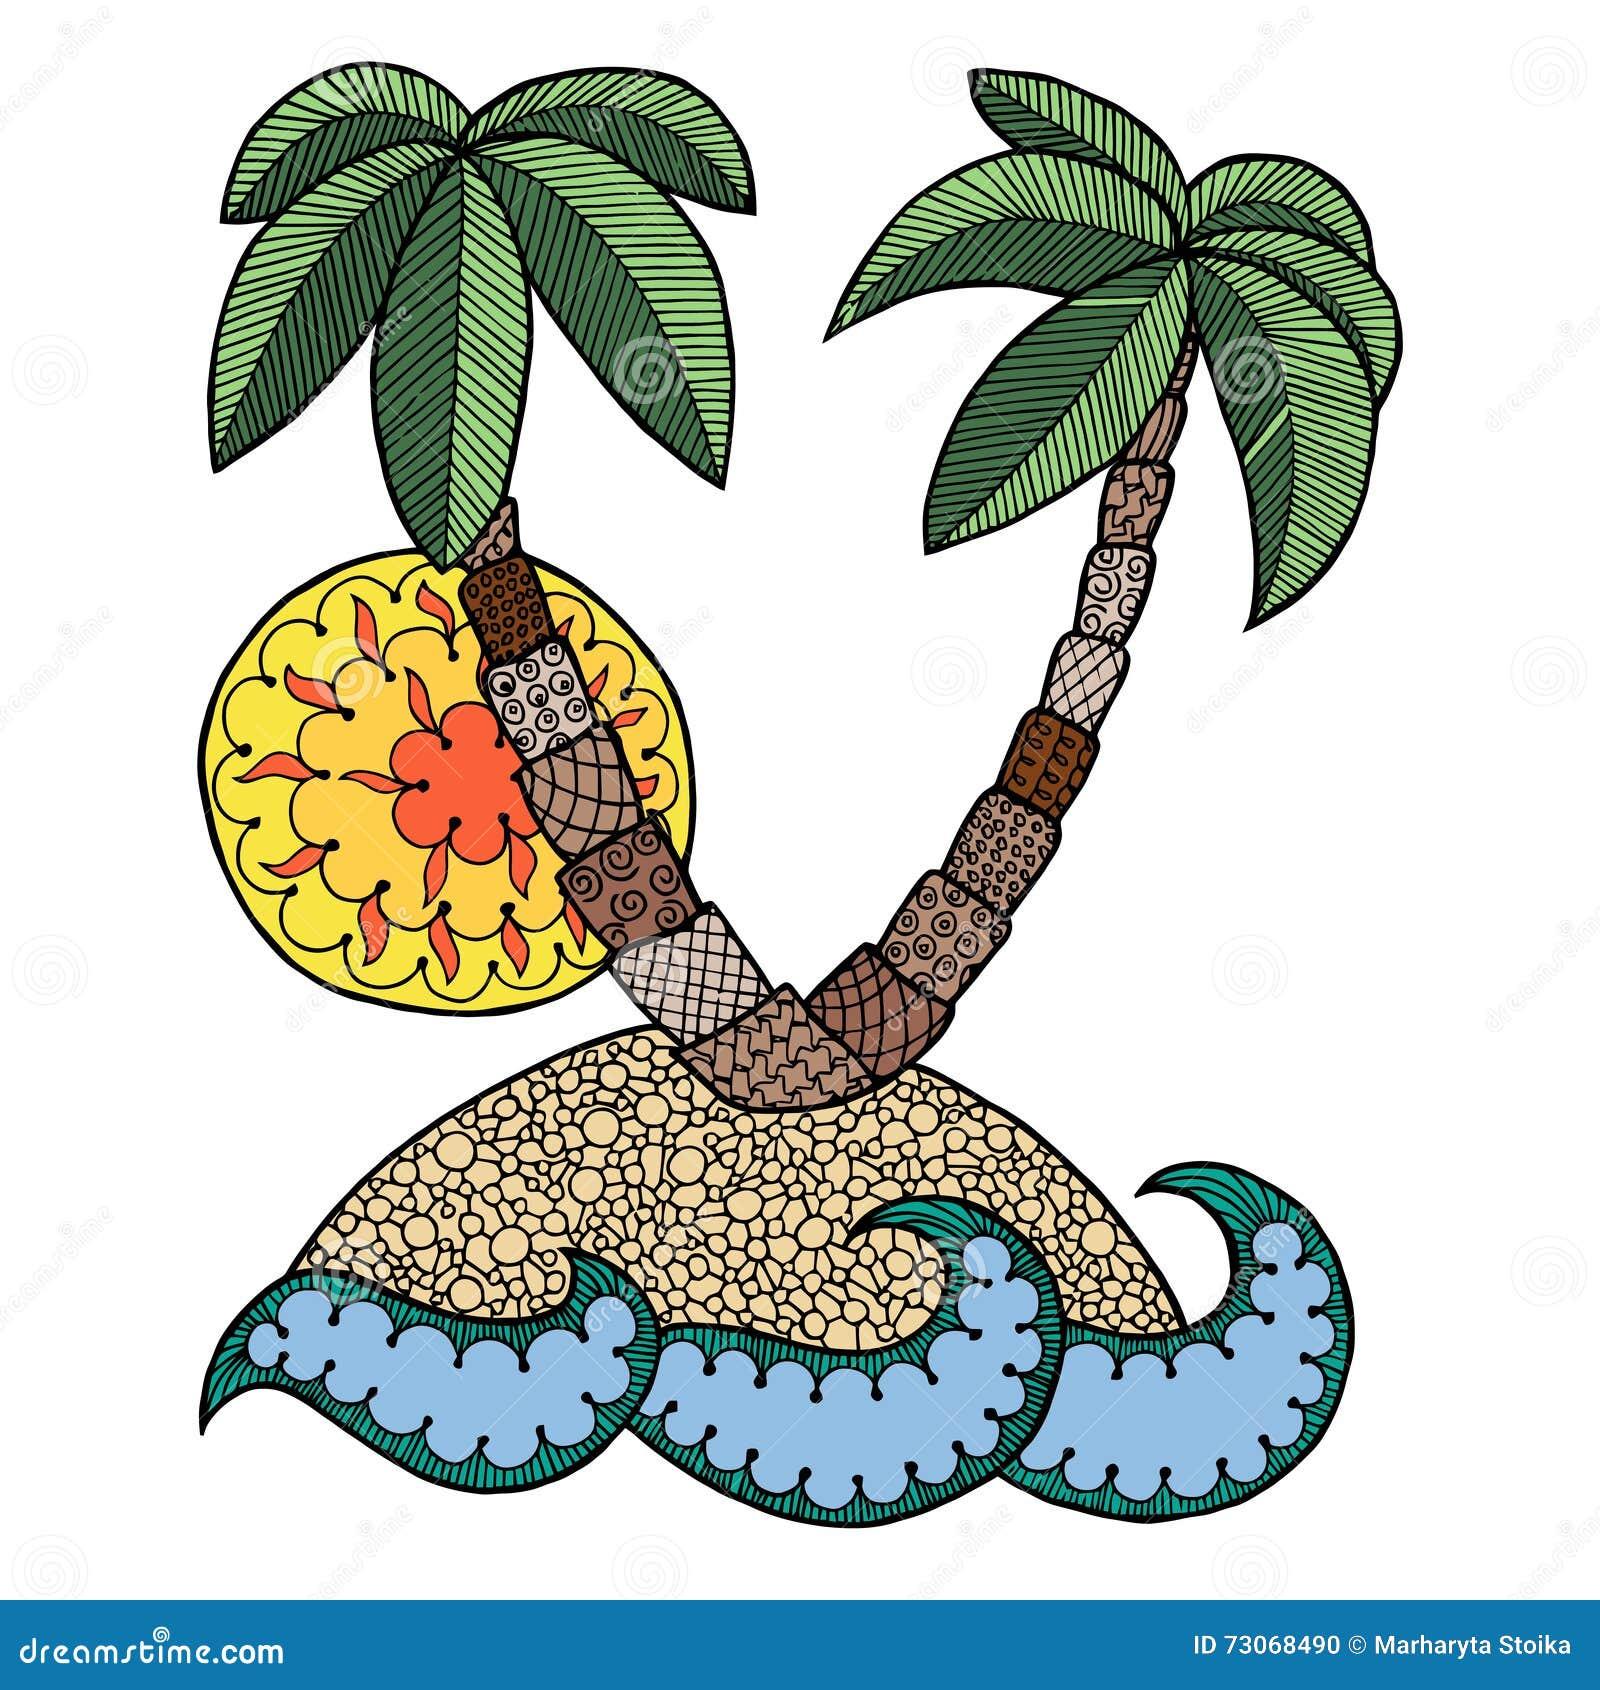 Zen ocean colouring book - Isle Zen Tangle Islet Zen Doodle Coloring Book Sea Zentangle